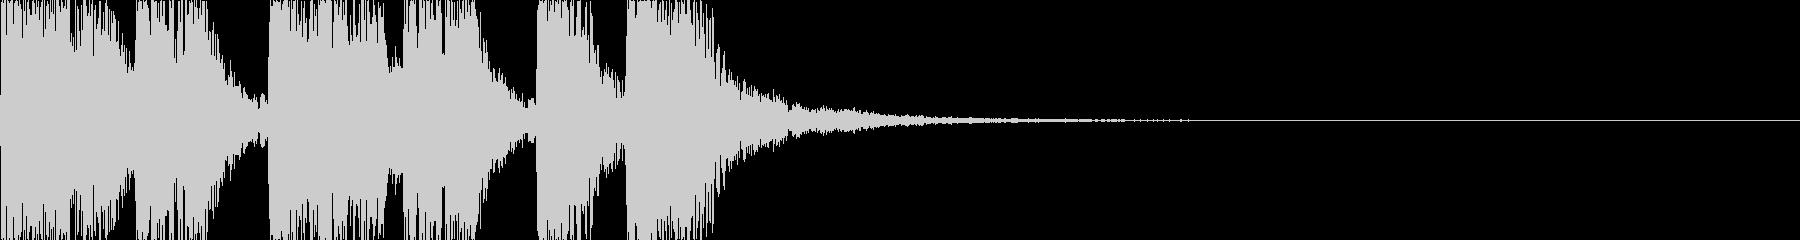 重厚感のあるファンファーレ05の未再生の波形